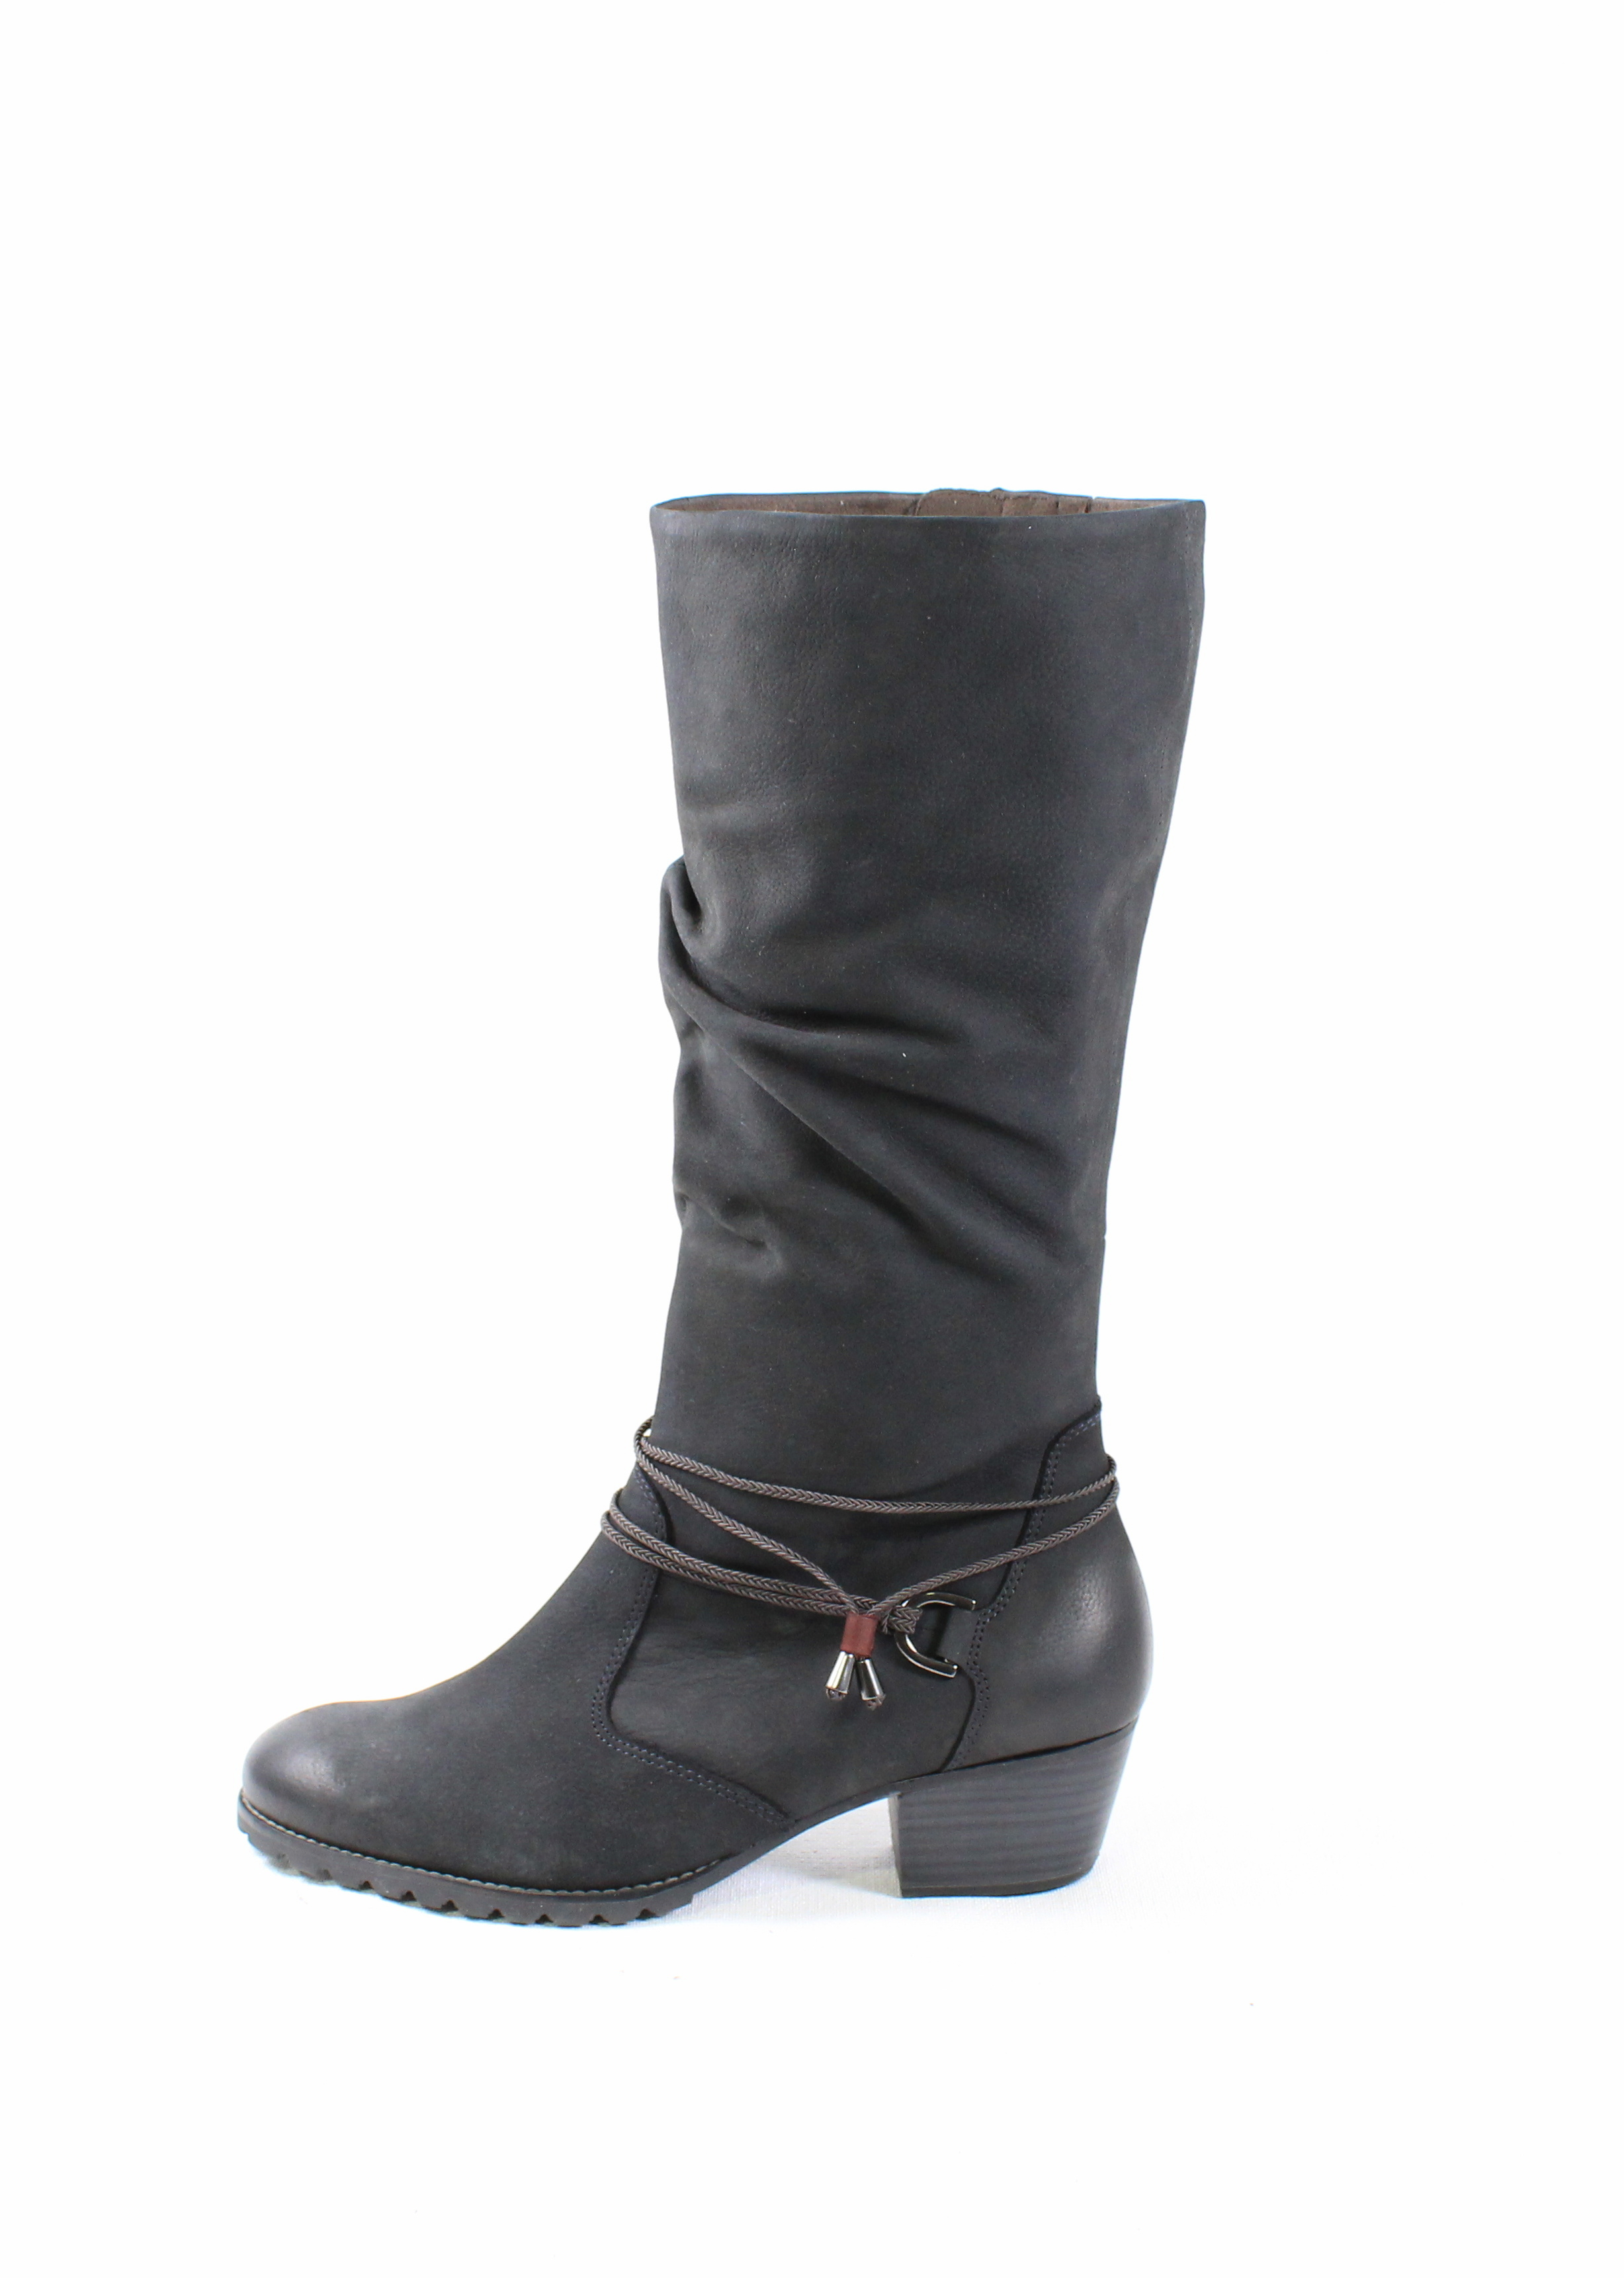 f4e315b6a299 Dámske čižmy TAMARIS 1-25531-27 NAVY – Topánky Olympia shoes